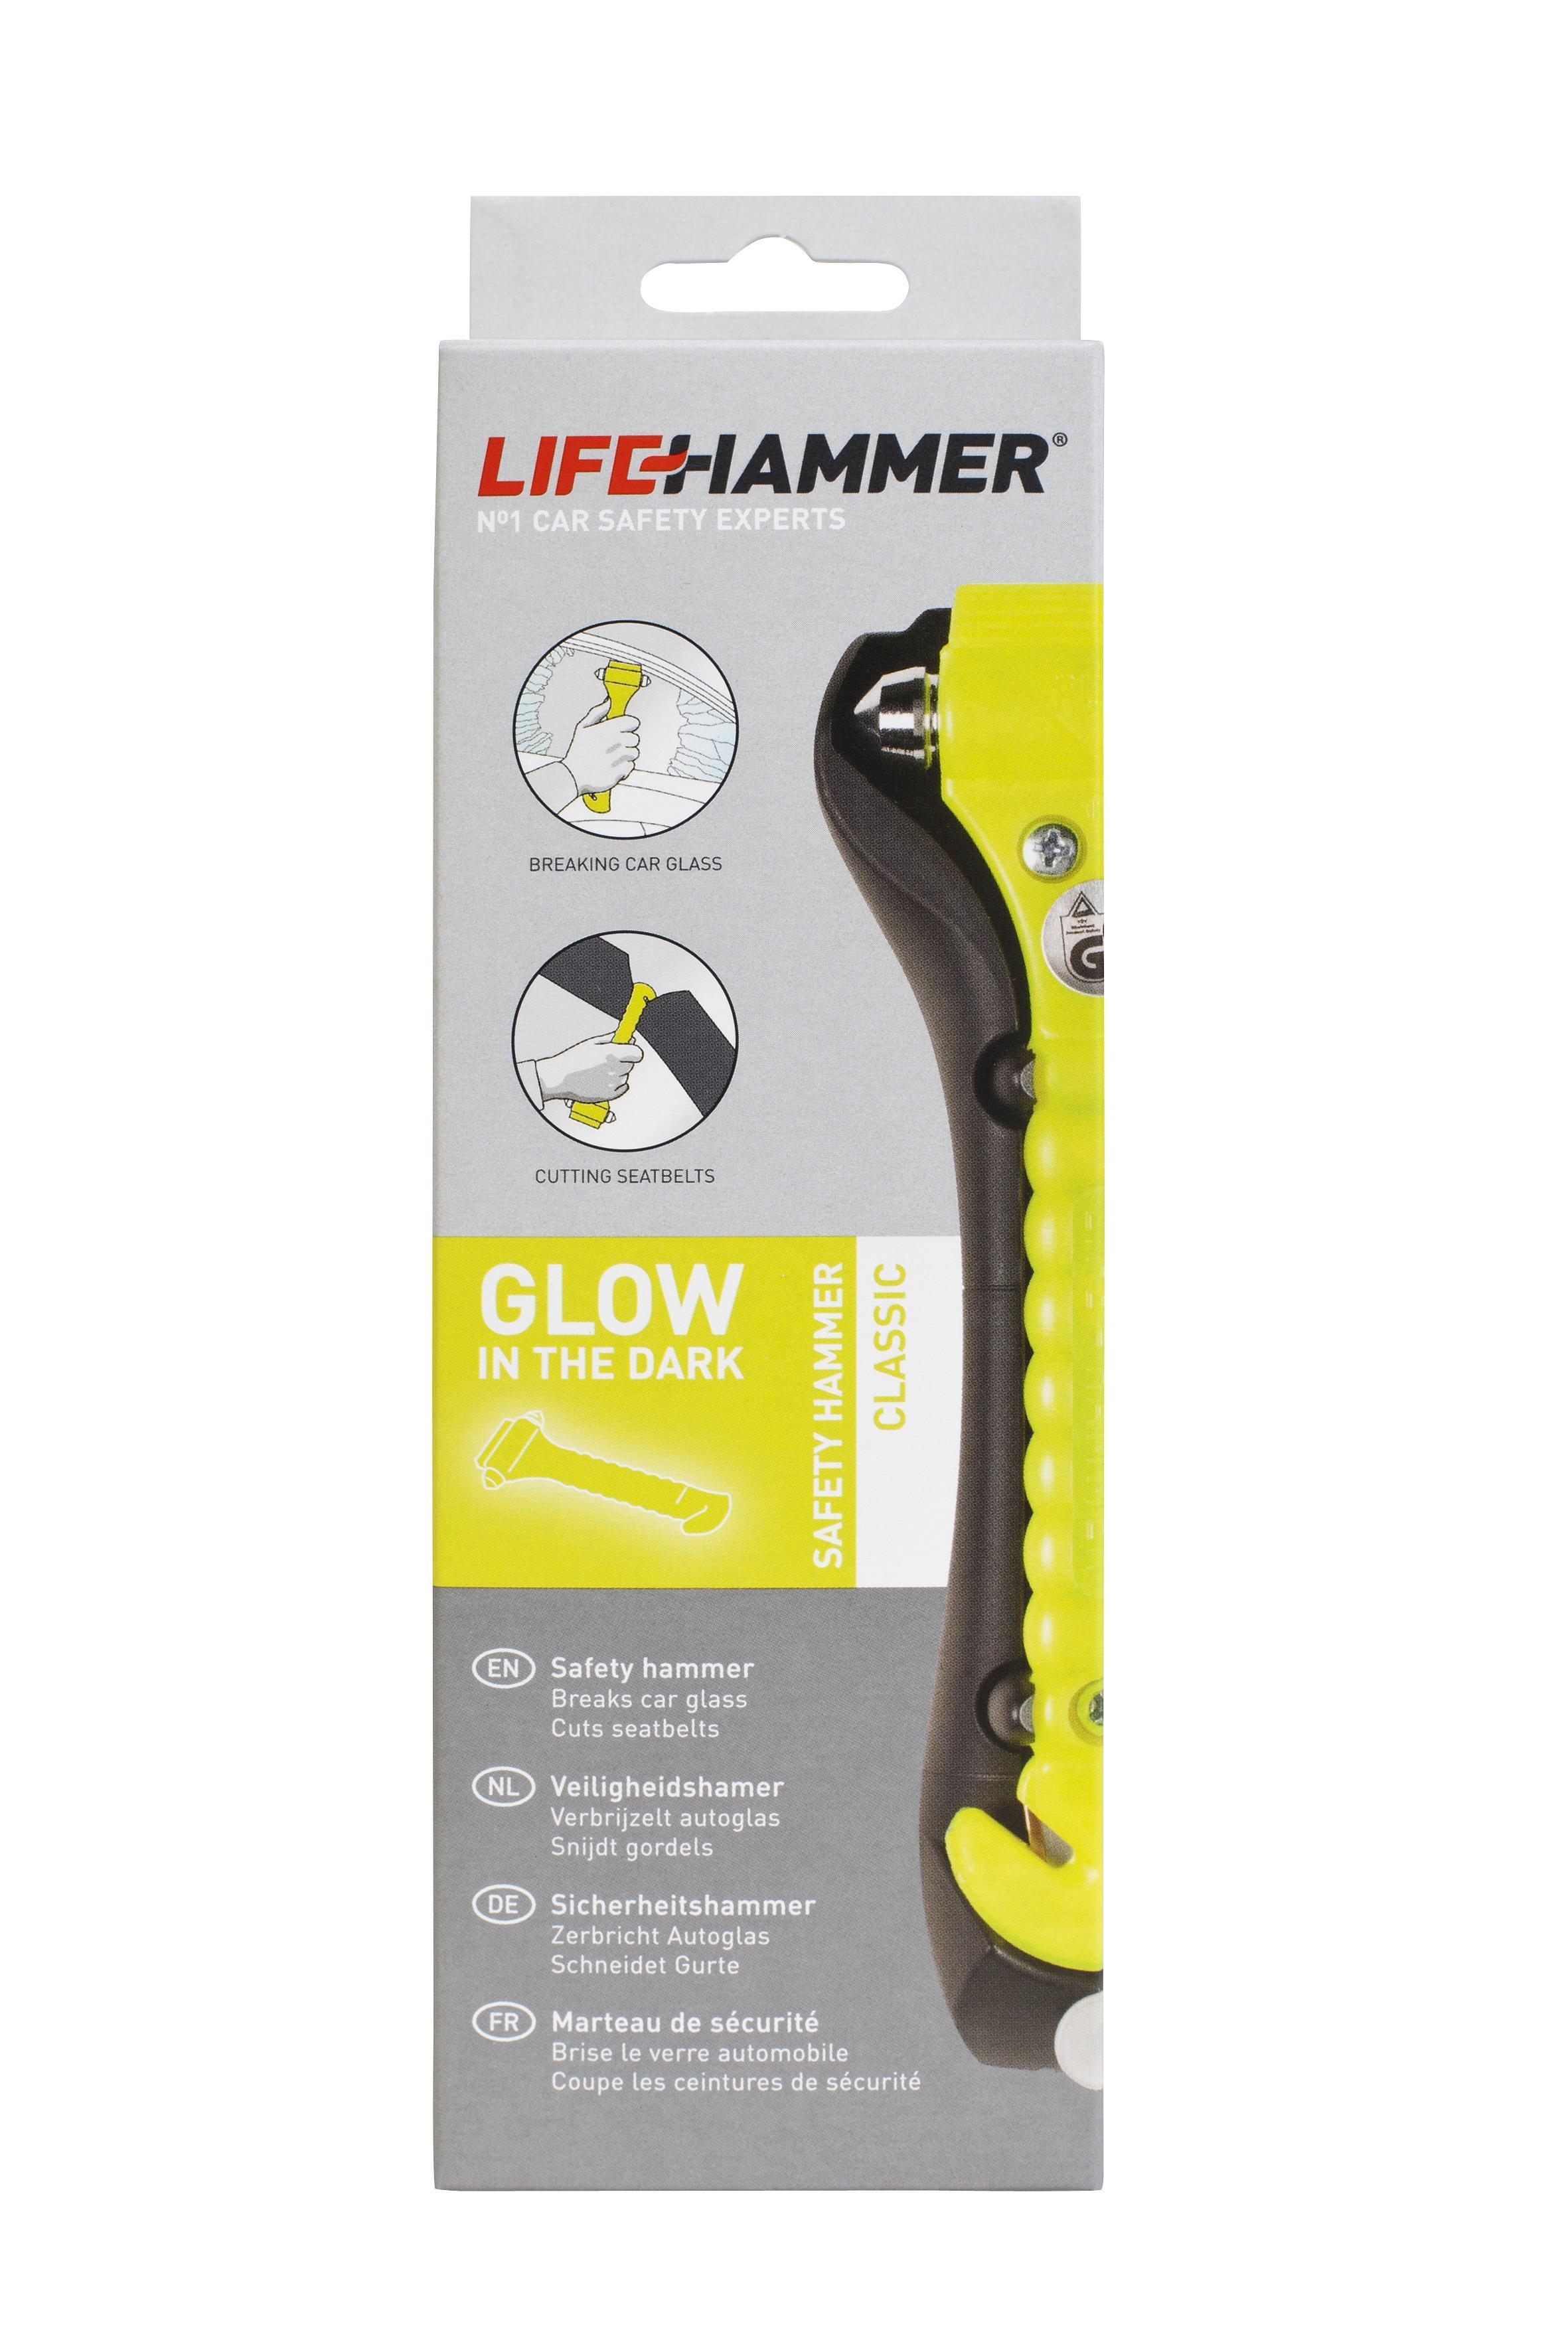 HCGY1RNDBX Notfallhammer LifeHammer Erfahrung